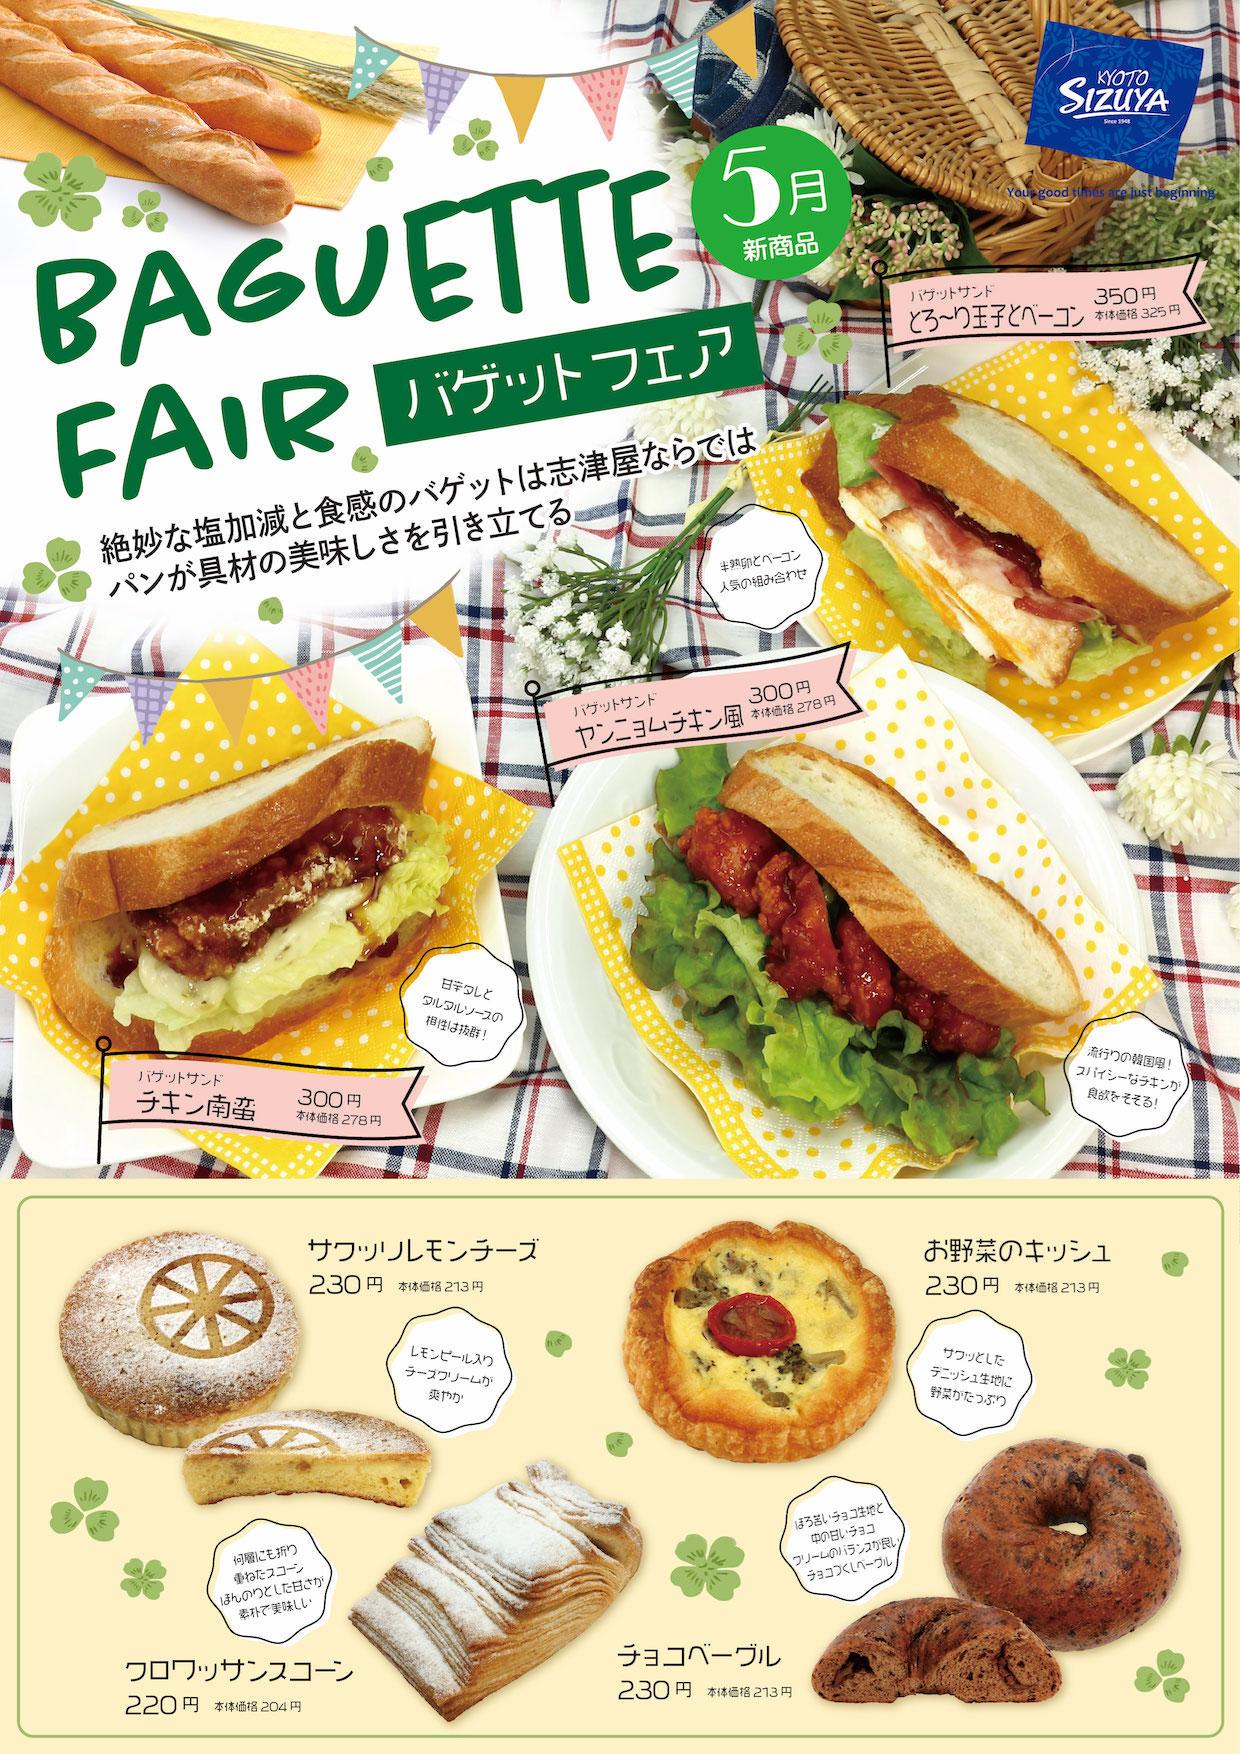 https://kotochika.kyoto/topics/8203932c41a0cb4eec88b3314cec55cf13464888.jpg